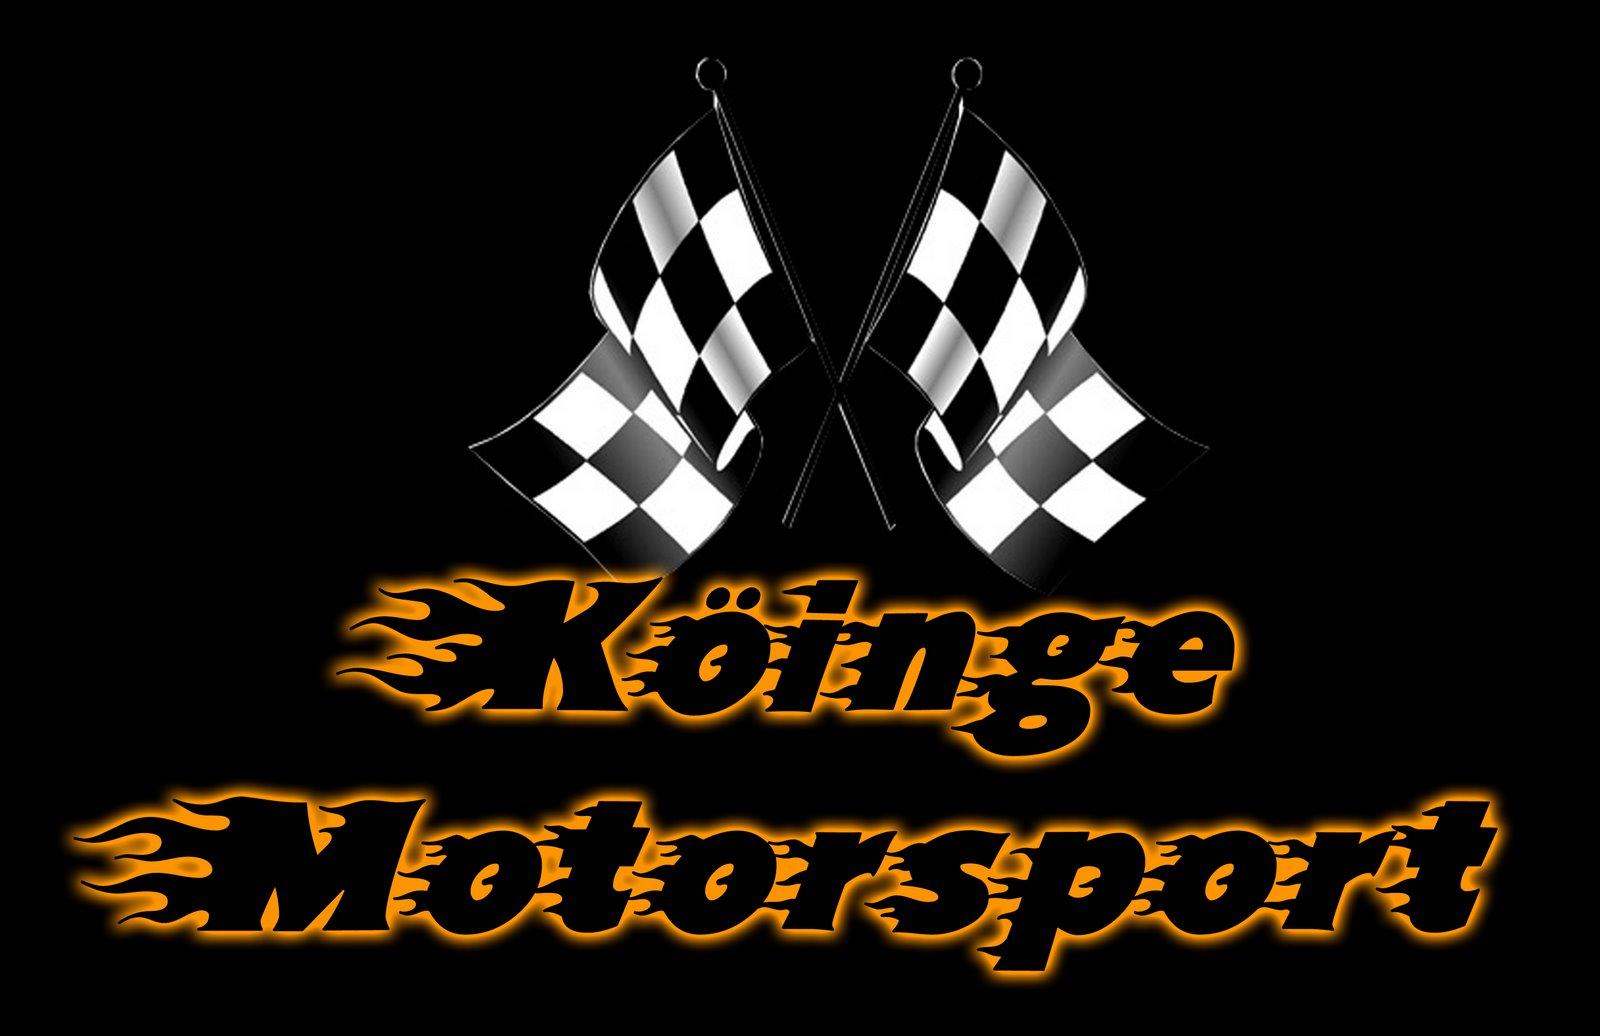 Köinge Motorsport